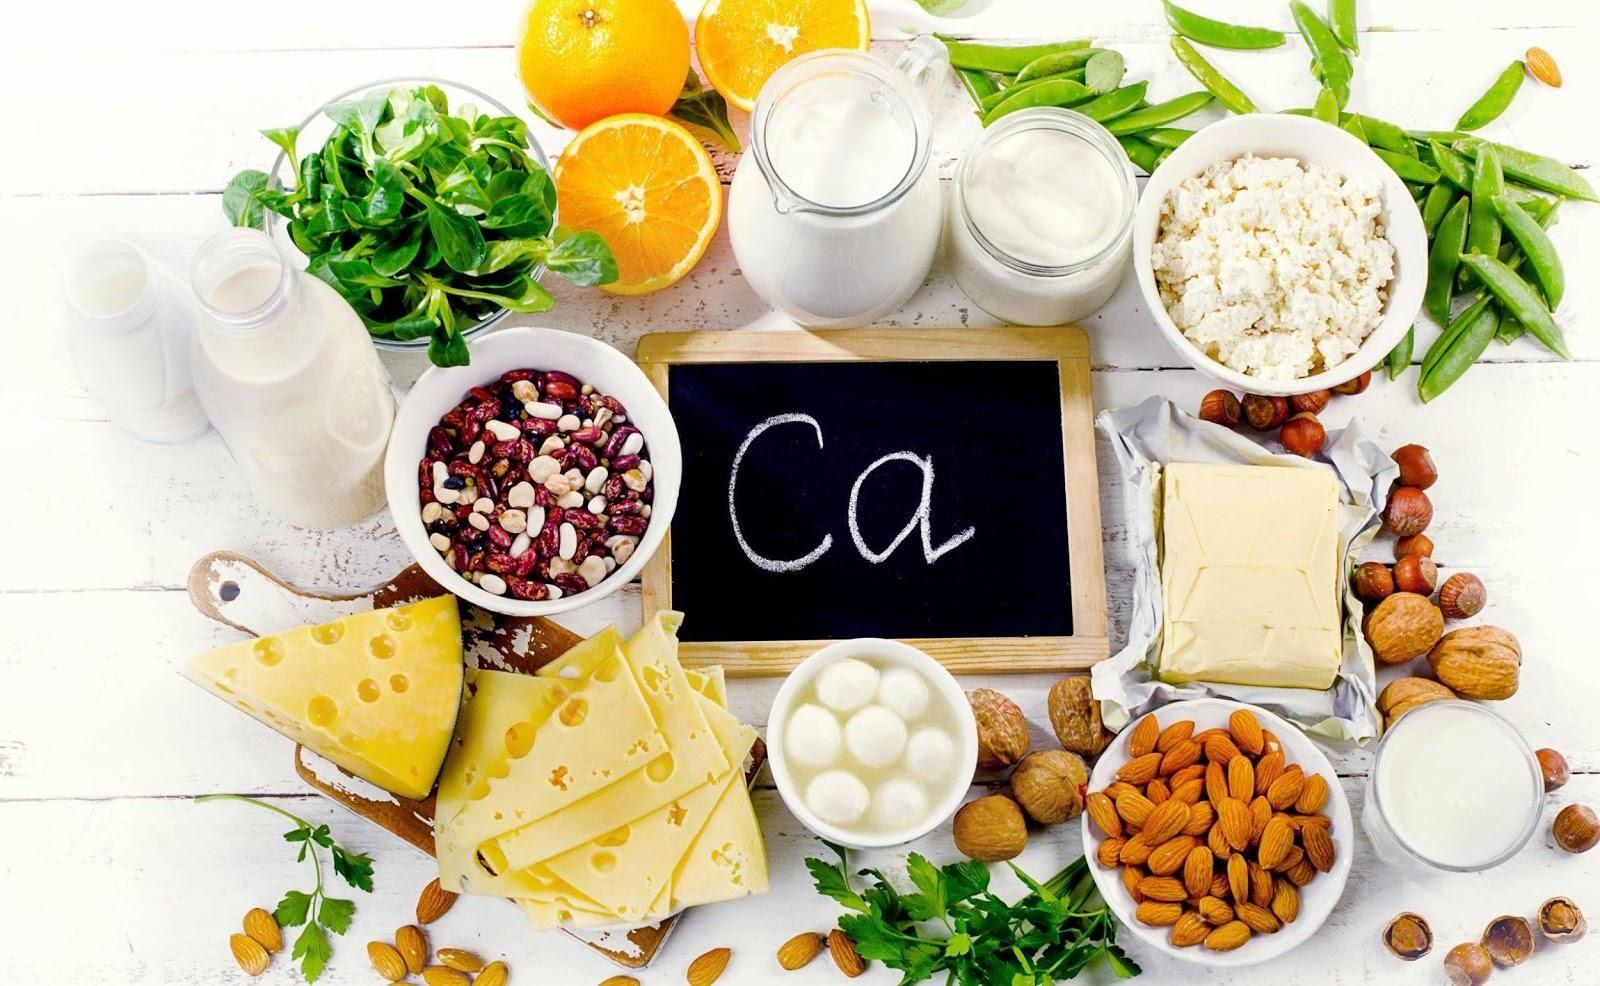 Chế độ dinh dưỡng và cách lựa chọn sản phẩm sữa phù hợp cho người loãng xương